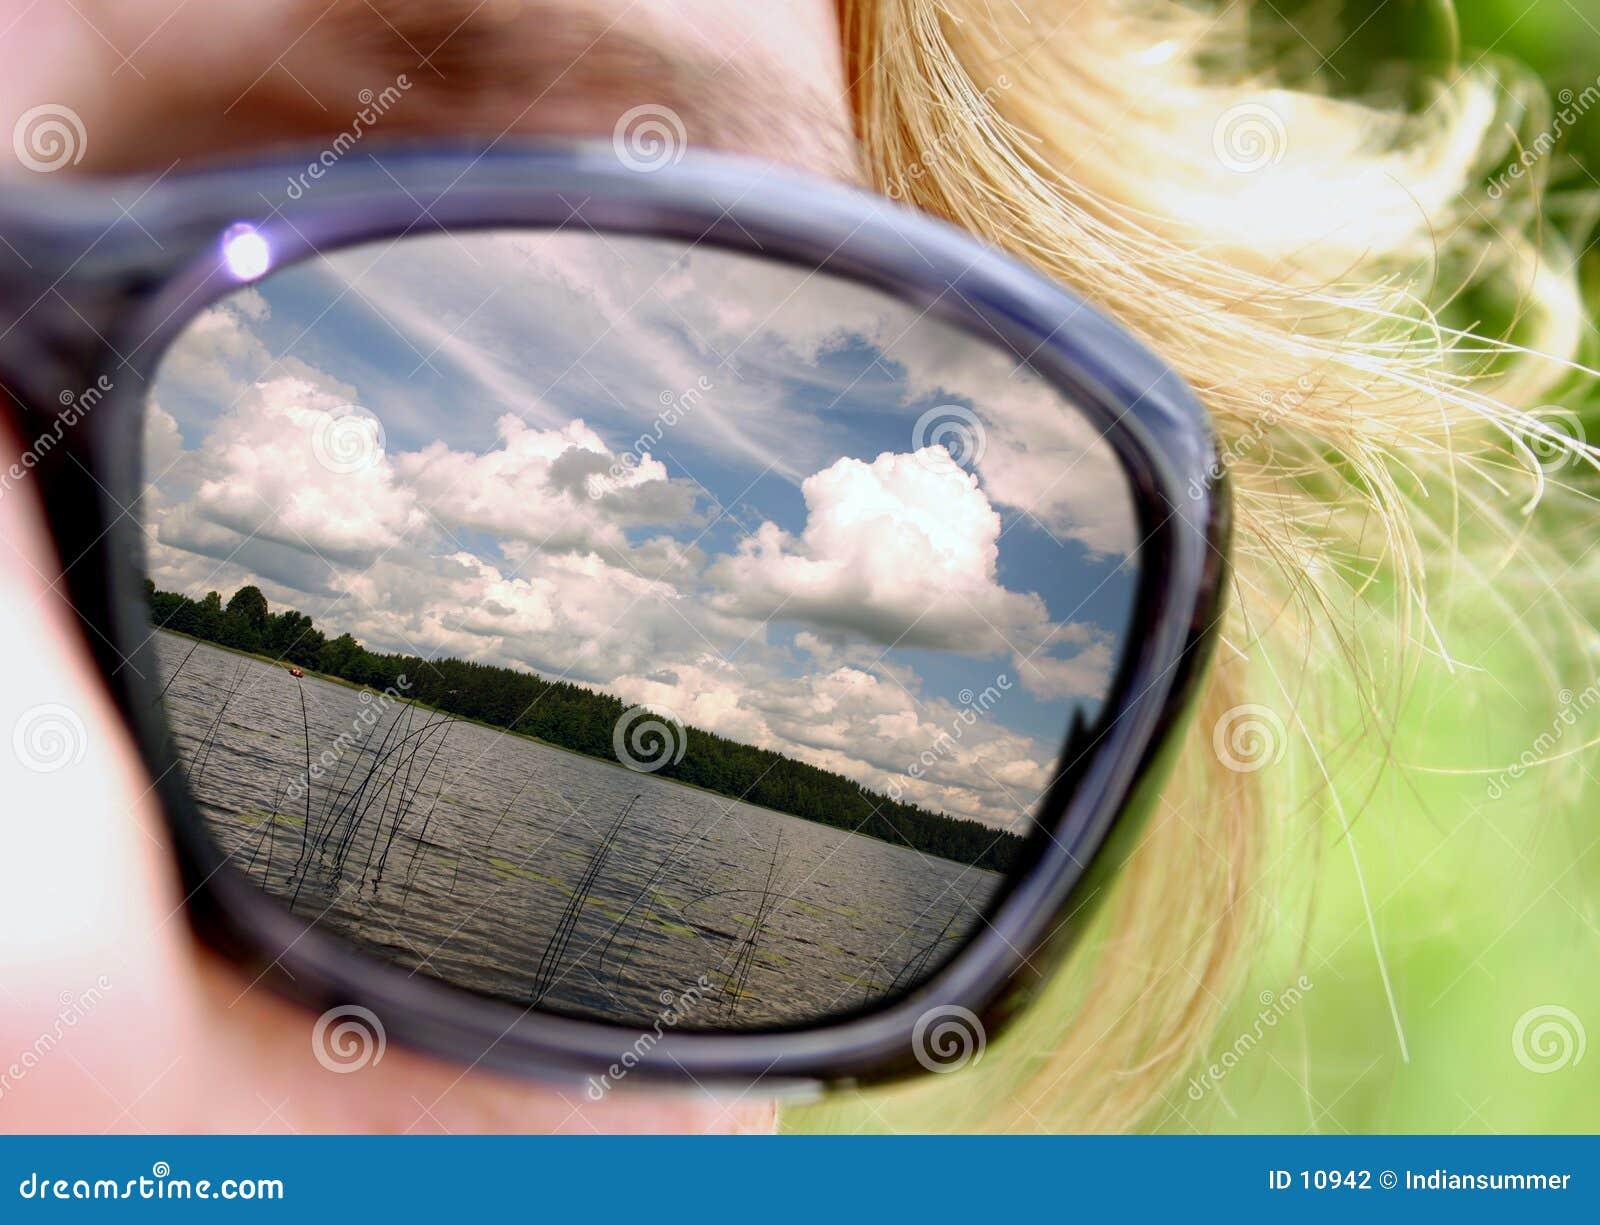 Verão em óculos de sol